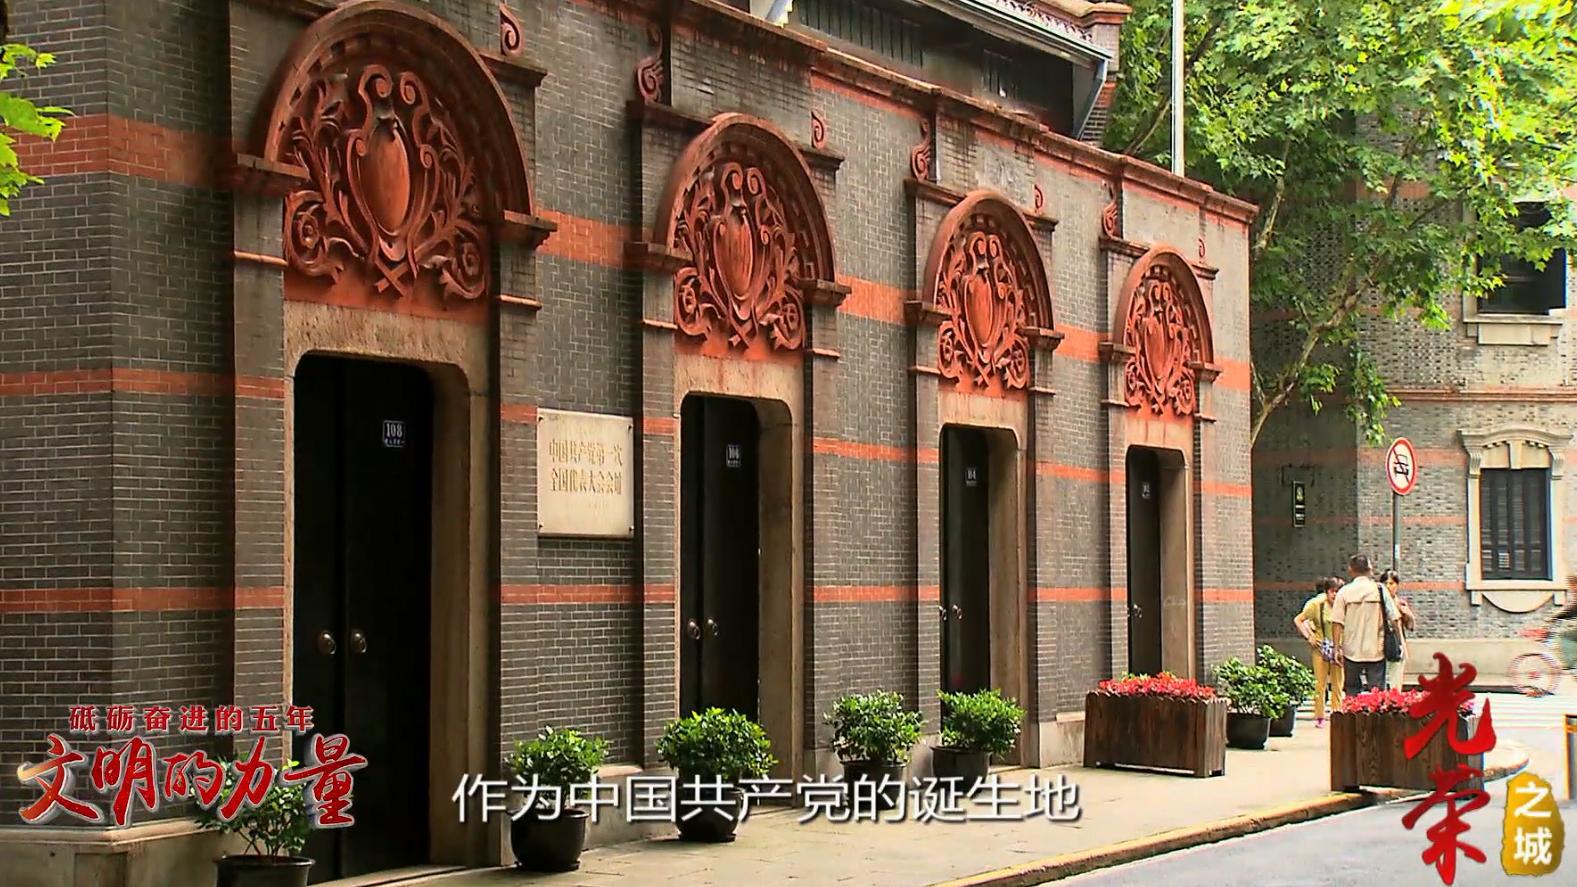 上海1.jpg